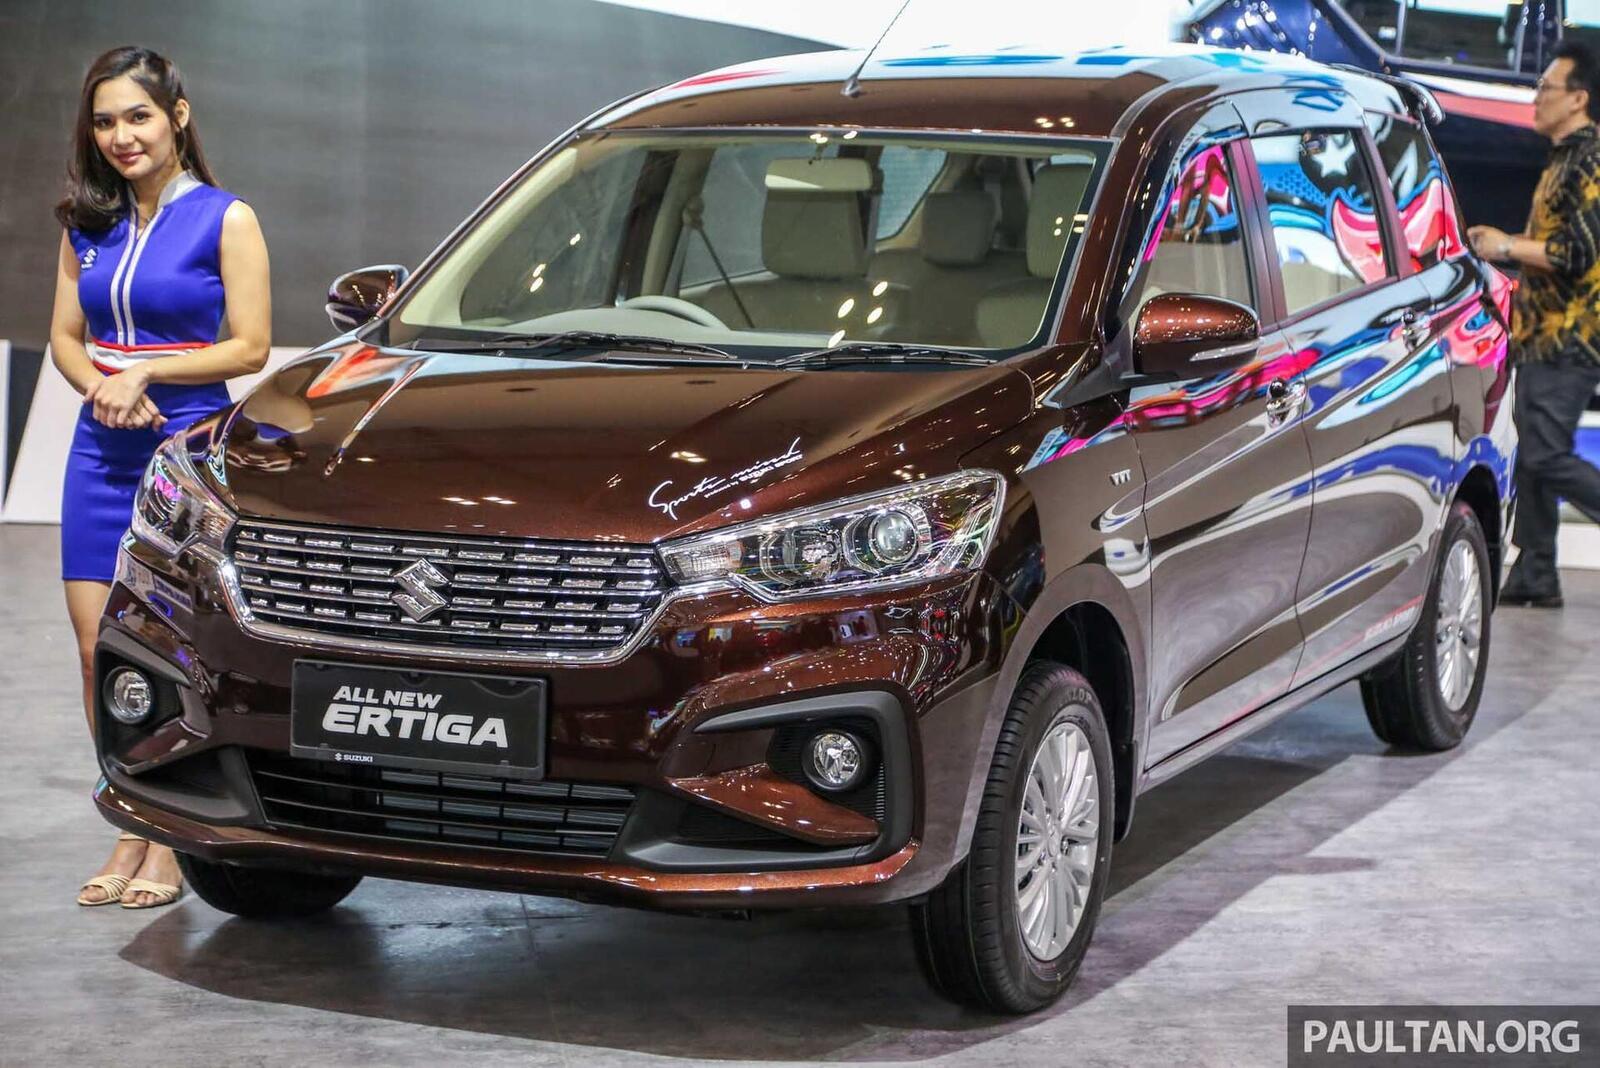 Suzuki Ertiga thế hệ mới có giá từ 486 triệu đồng tại Thái Lan; chưa hẹn ngày về Việt Nam - Hình 15